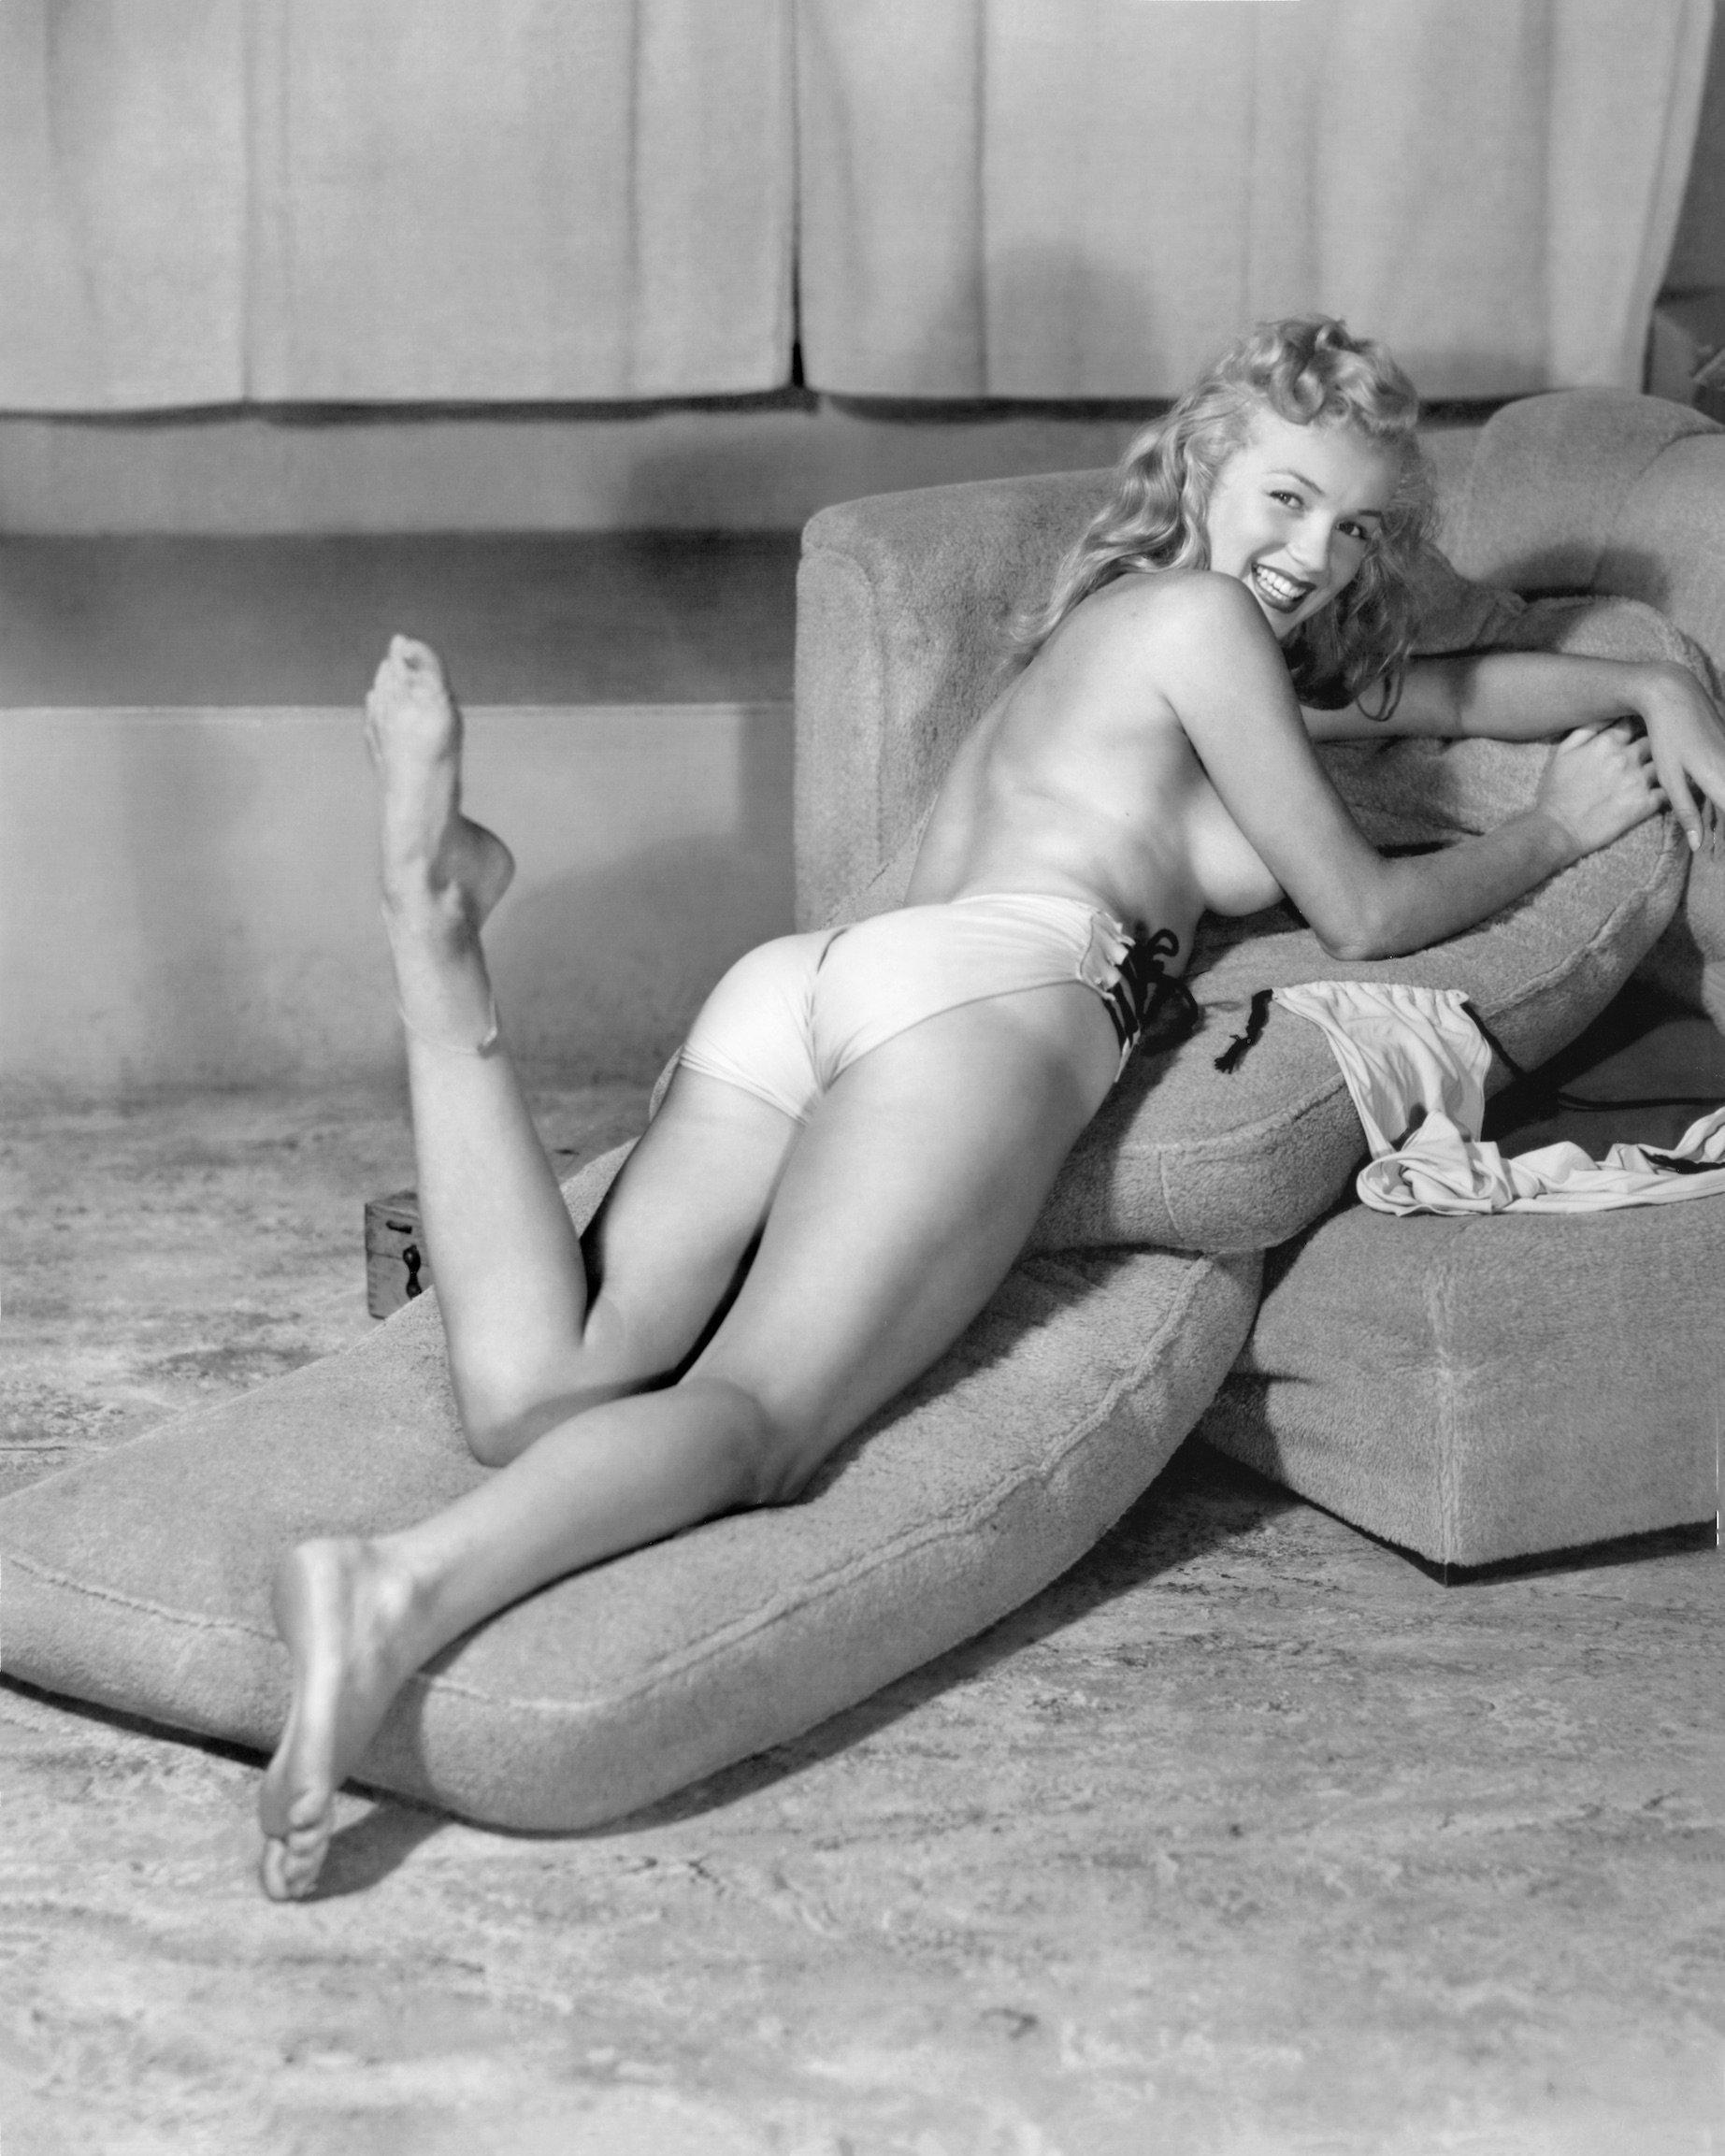 «Обнажённая Мэрилин», январь 1987 года (снято в 1946 году). Фотограф Эрл Моран